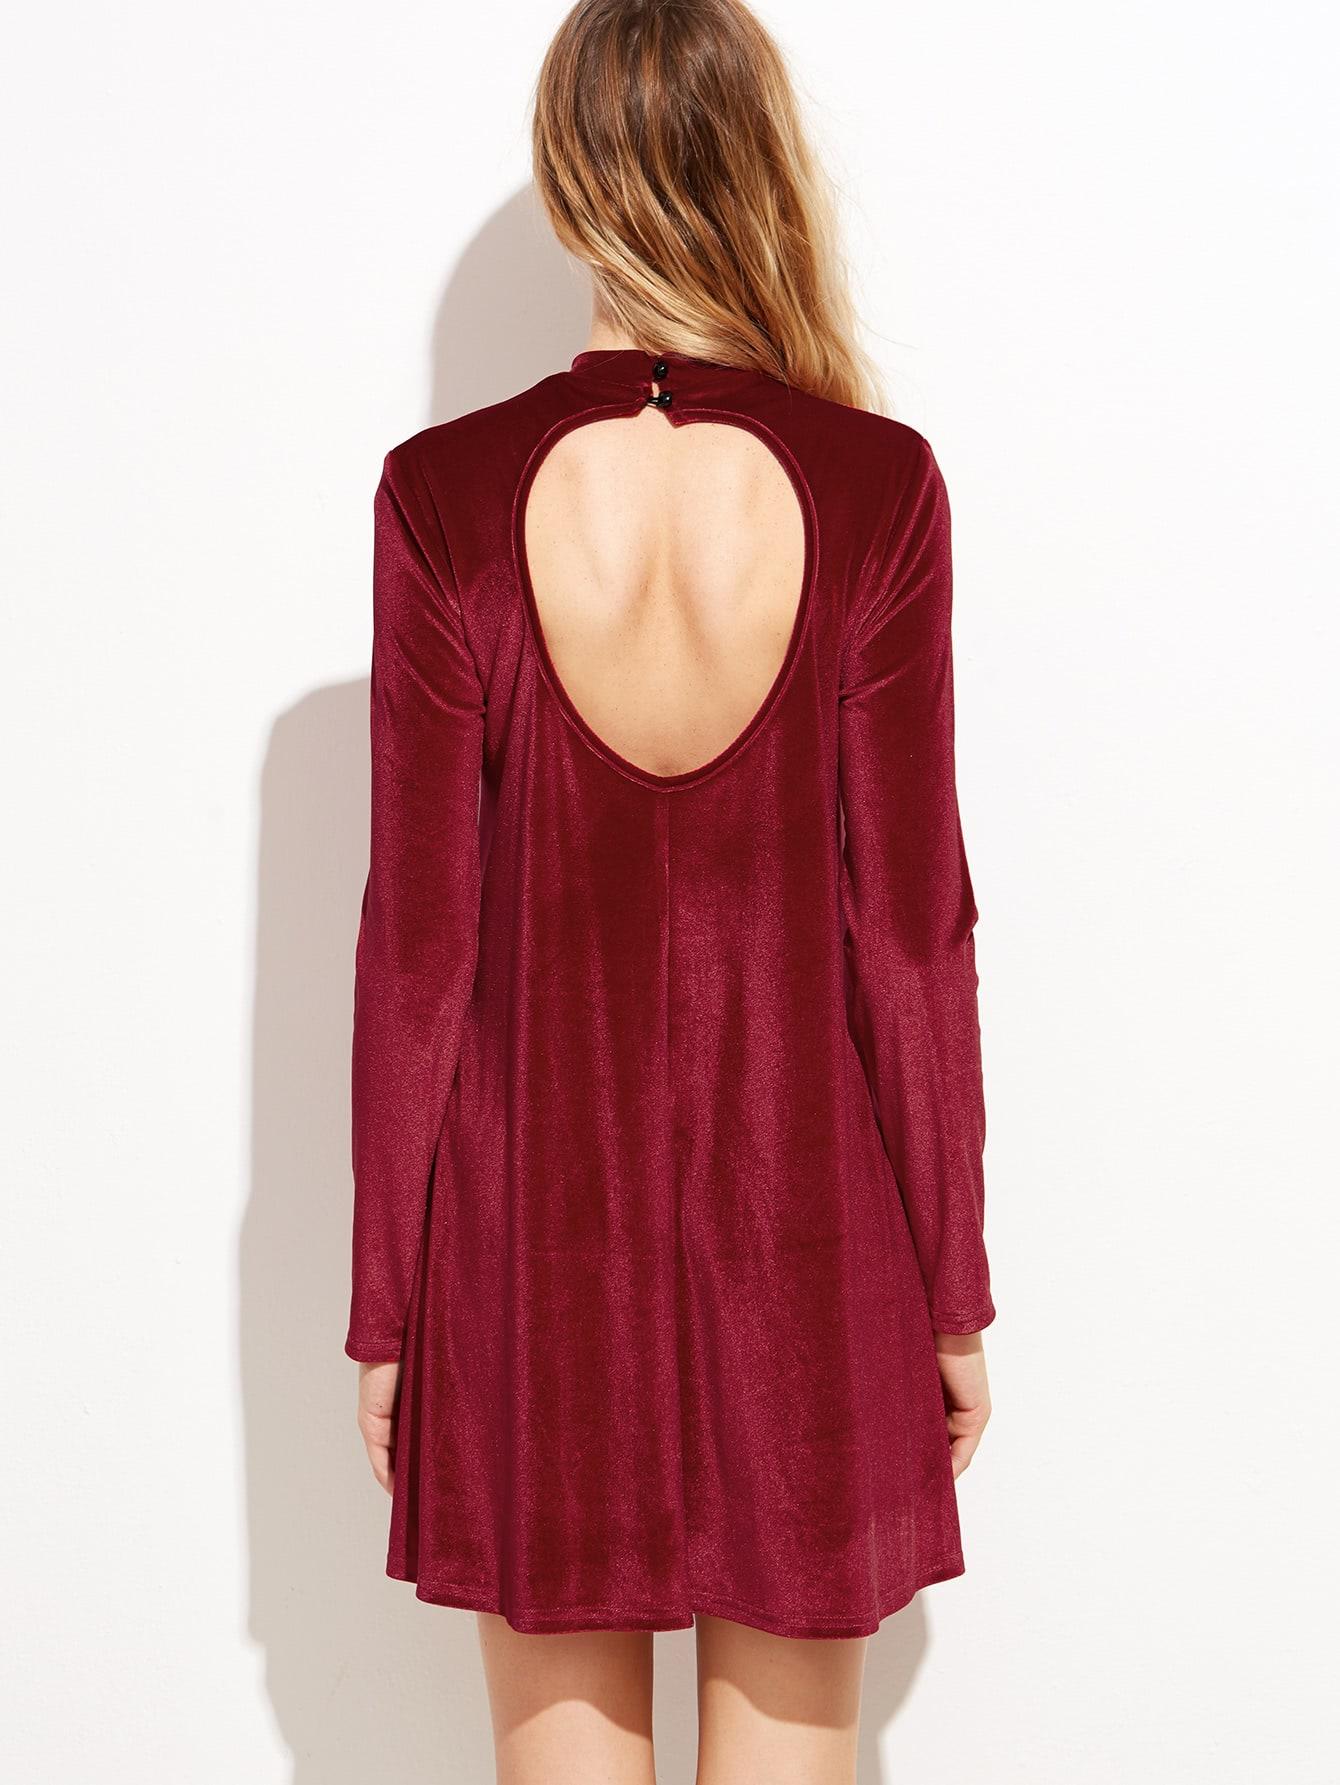 dress161004705_2